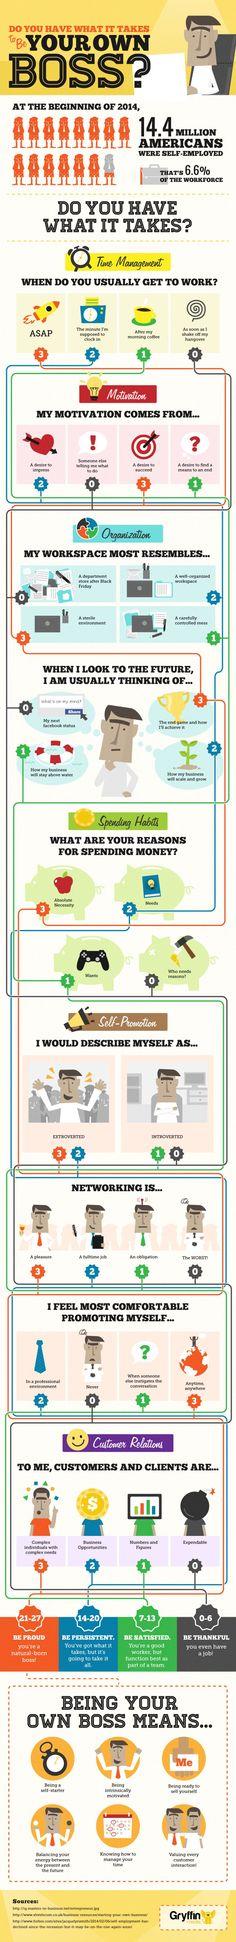 ¿Tienes lo que hace falta para ser tu propio jefe? #infografia #infographic #entrepreneurship   TICs y Formación